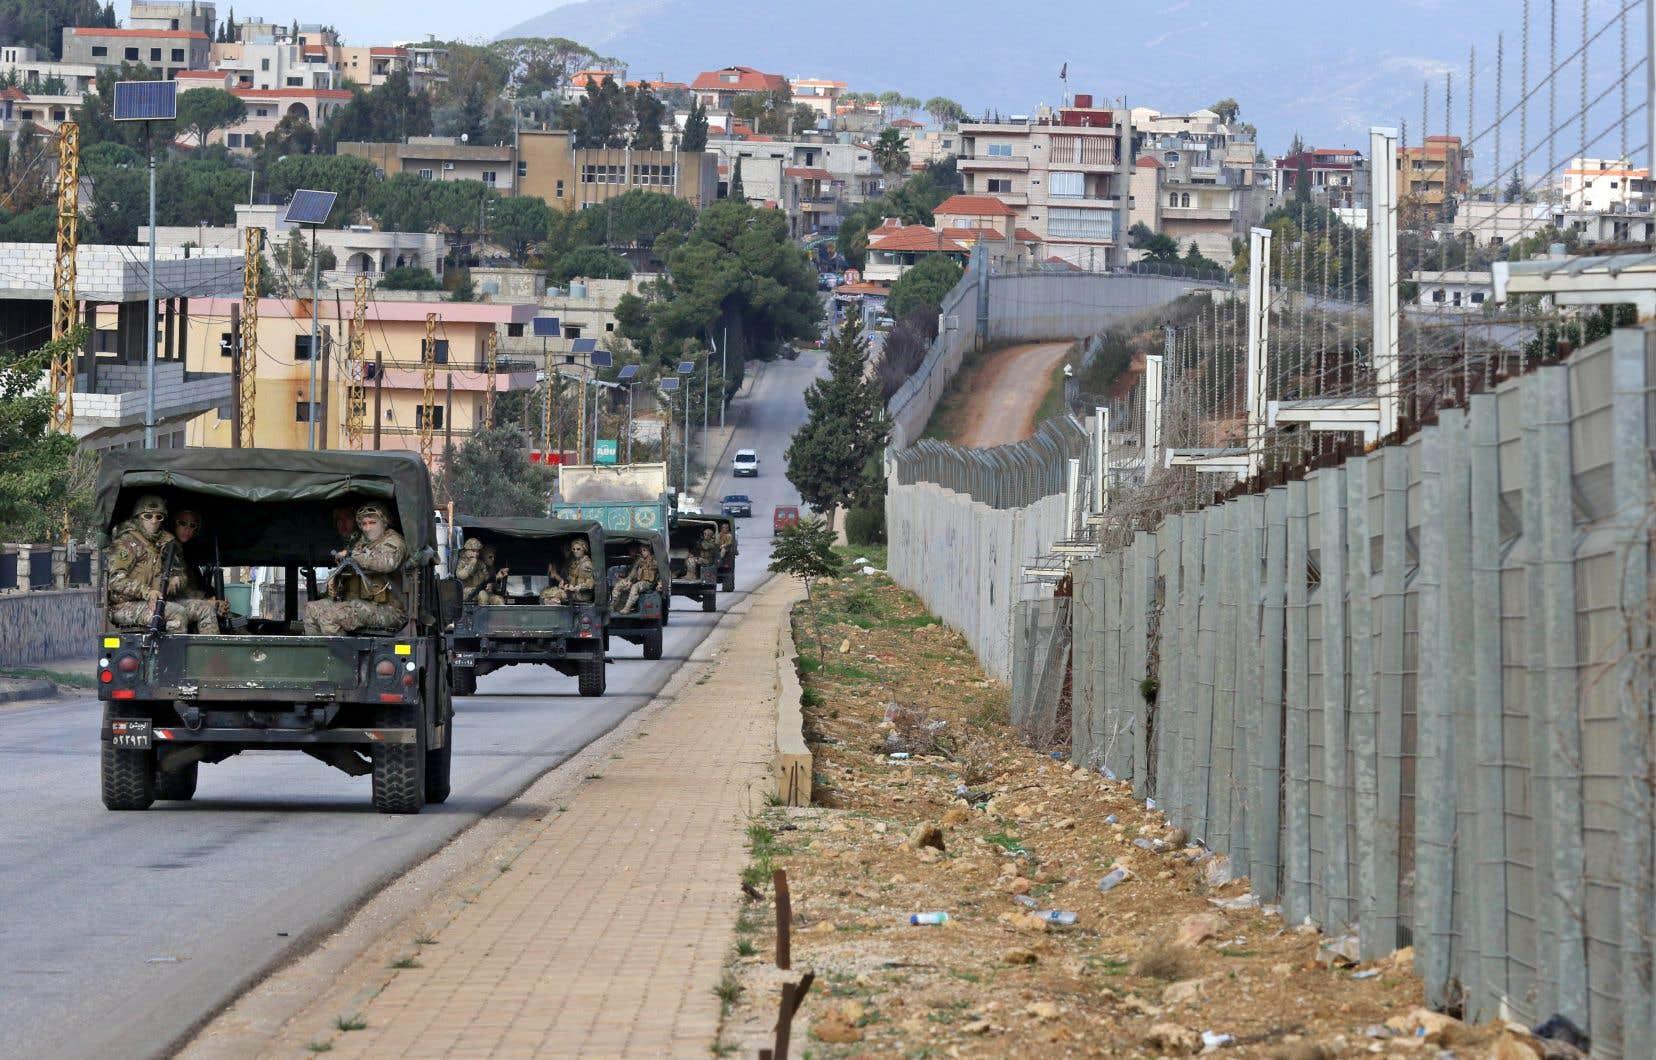 Environ un million de dollars de dons canadiens auraient servi à financer des projets de l'armée israélienne.